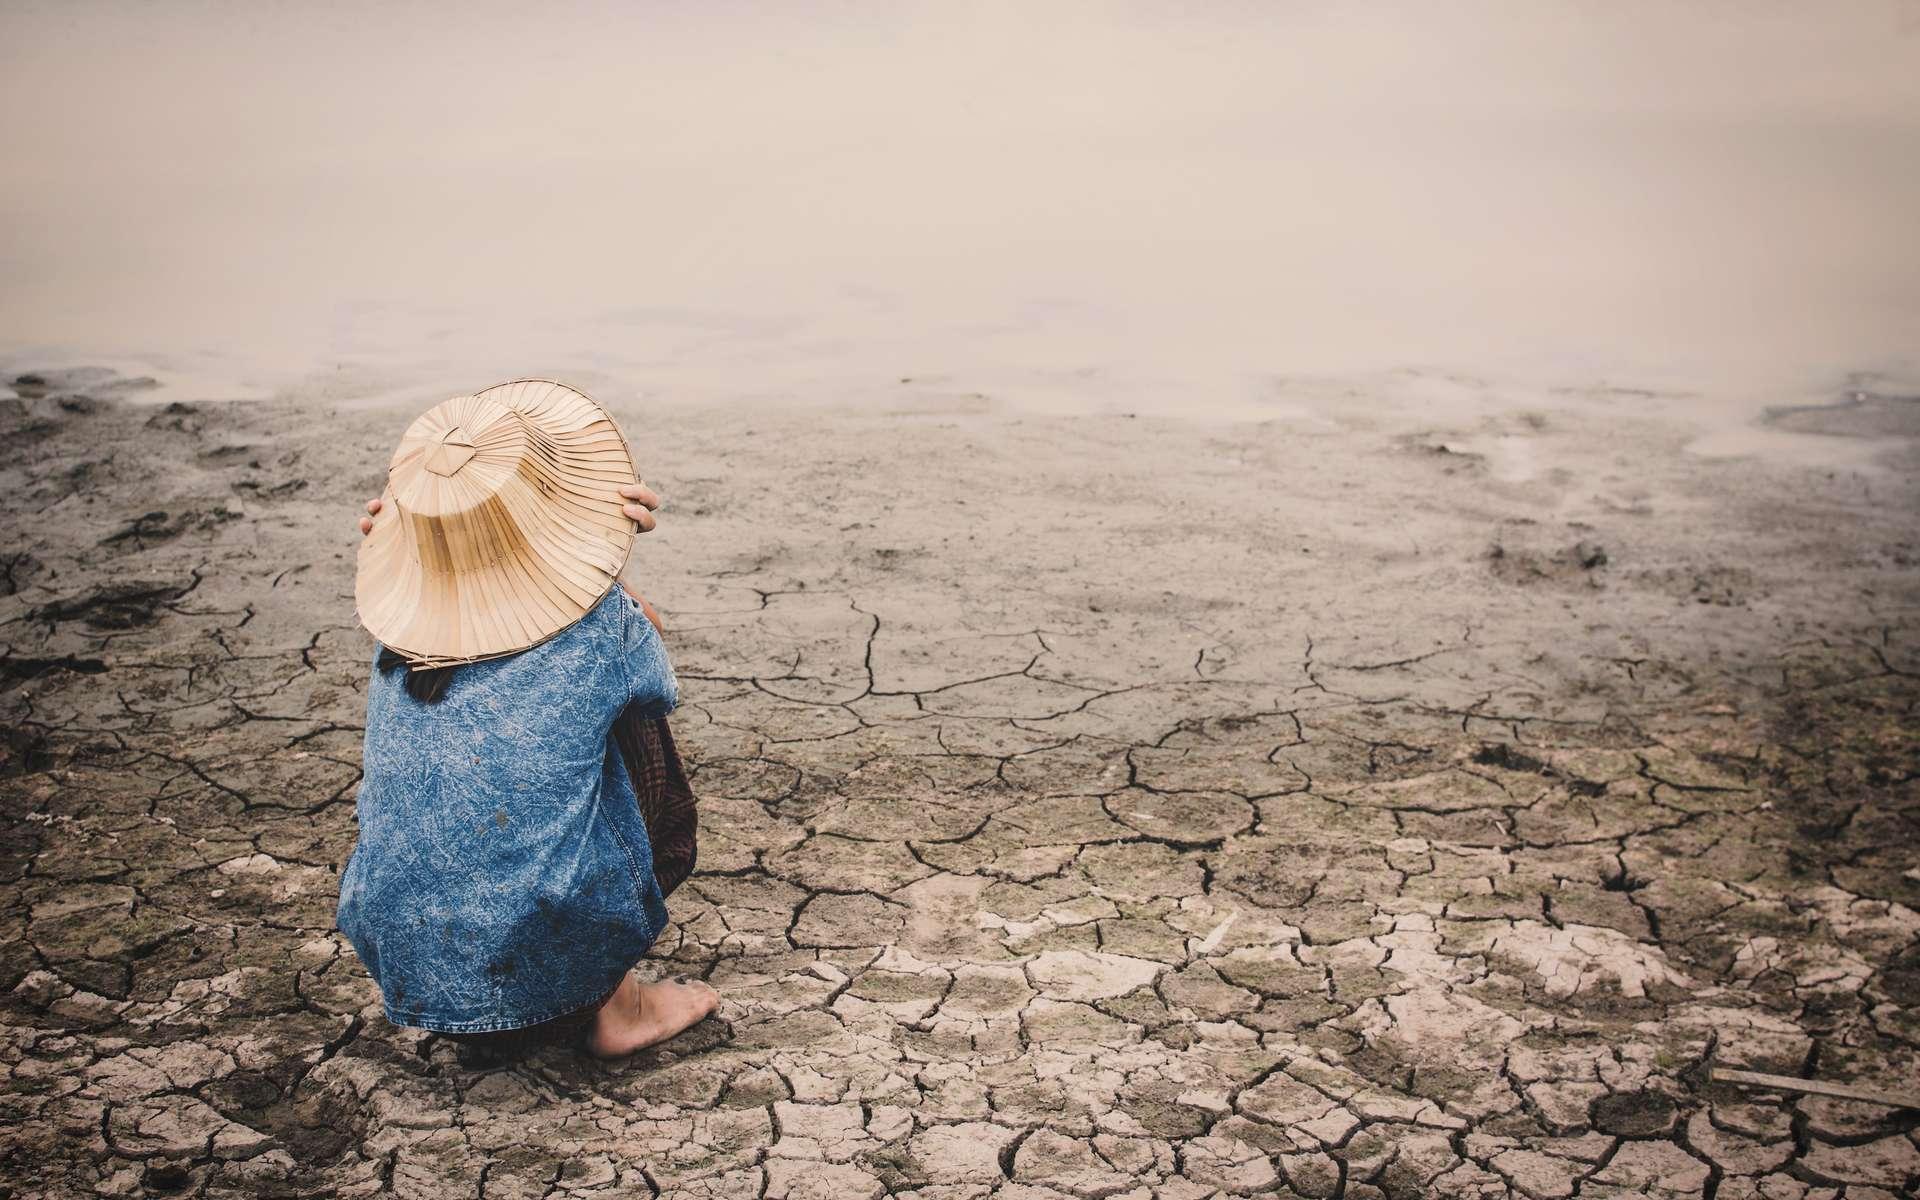 La moitié de la population mondiale sera touchée par le manque d'eau en 2050. © sawitreelyaon, Adobe Stock